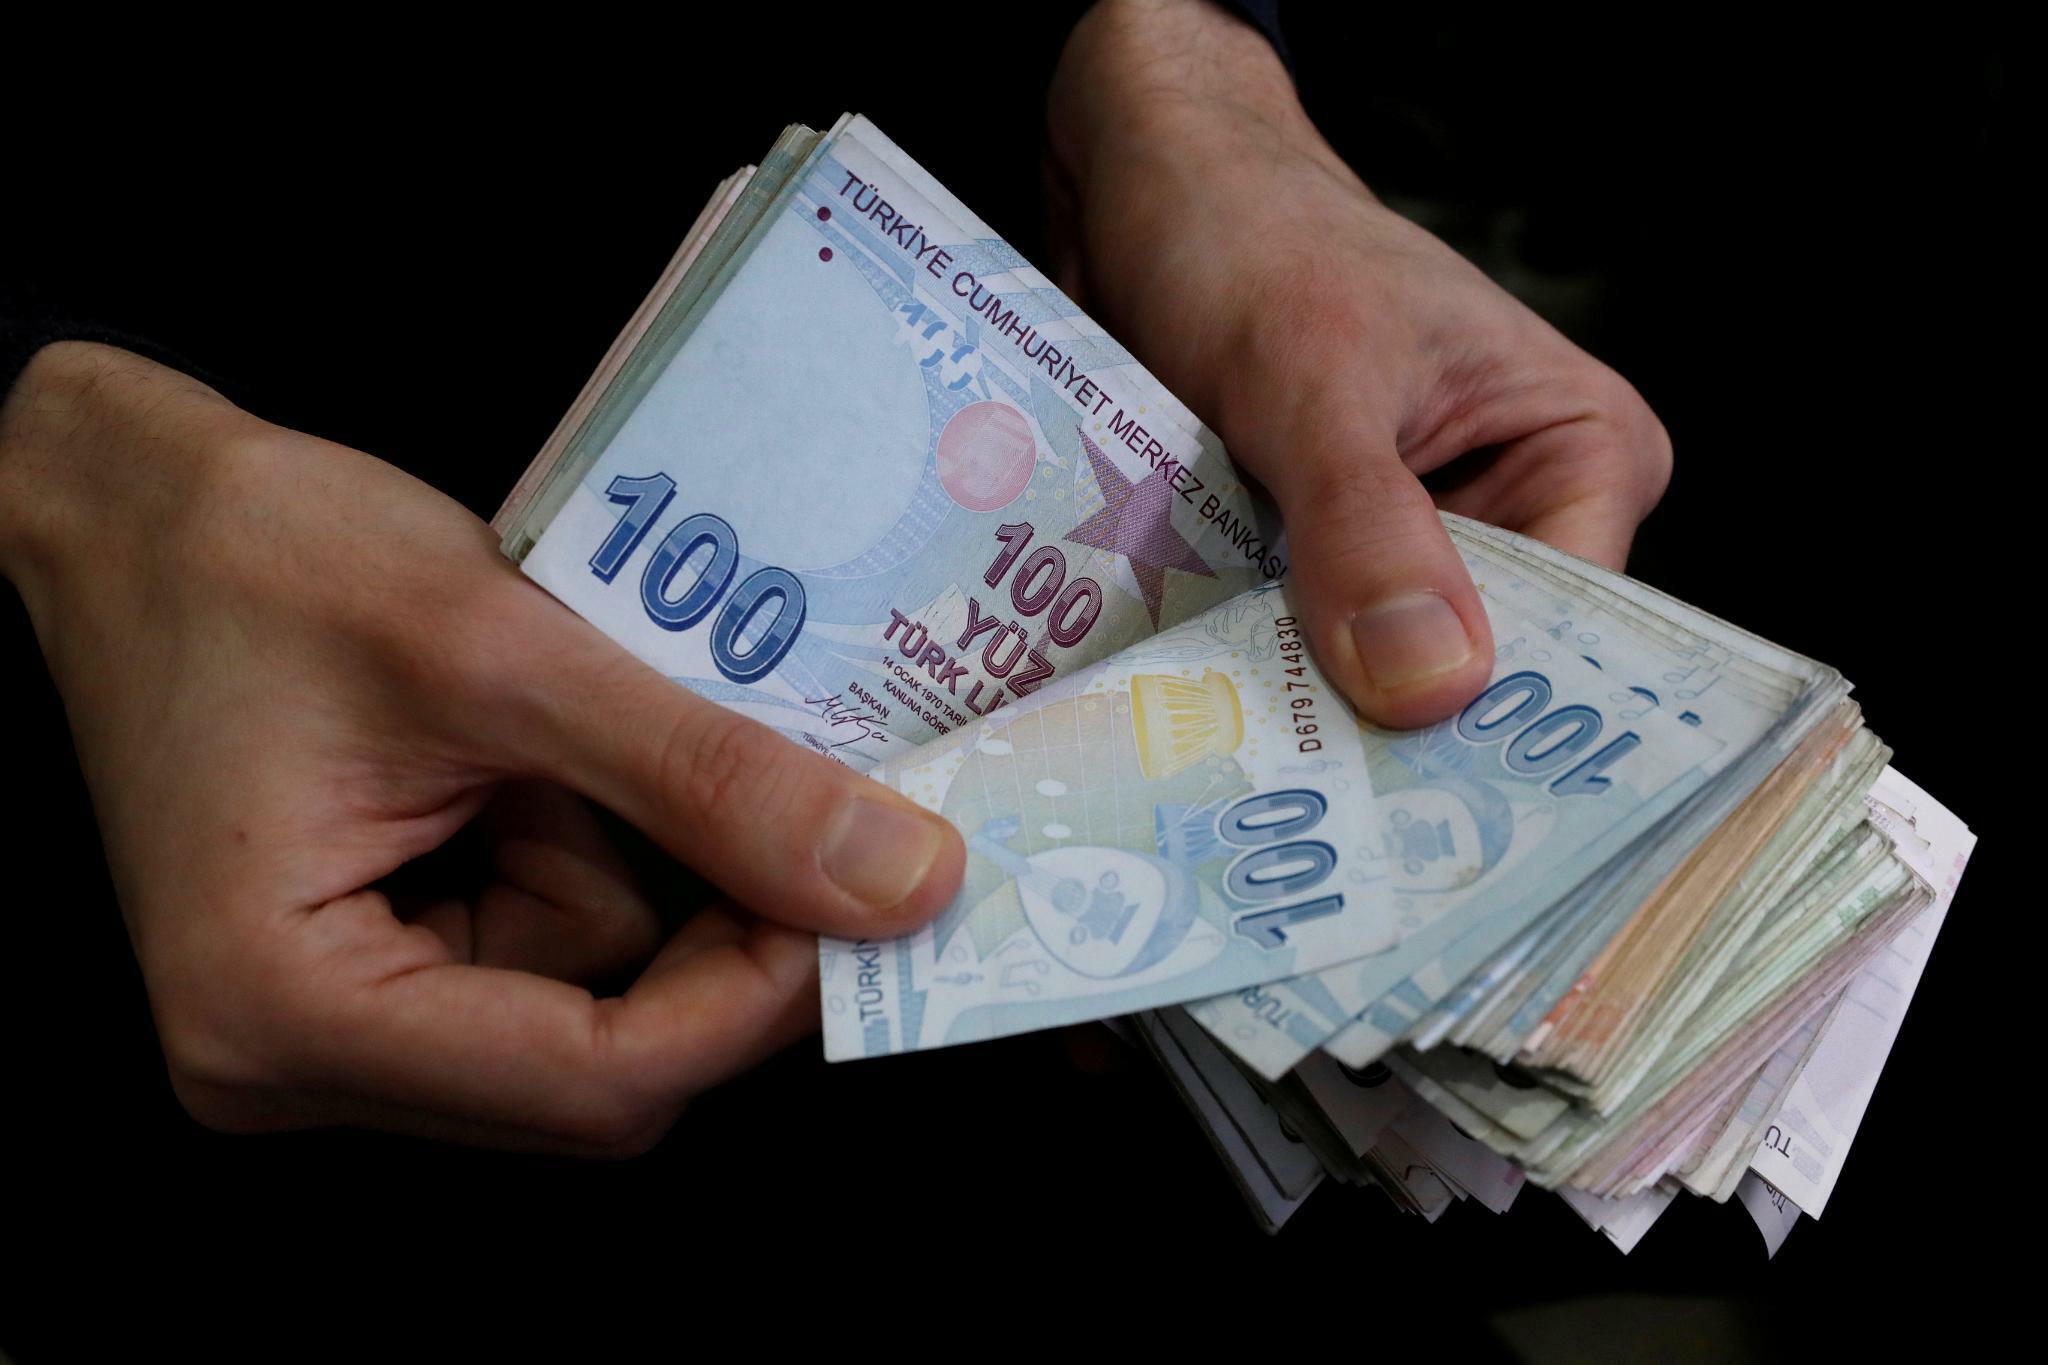 Türkei will offenbar 17 Milliarden Dollar von der Zentralbank